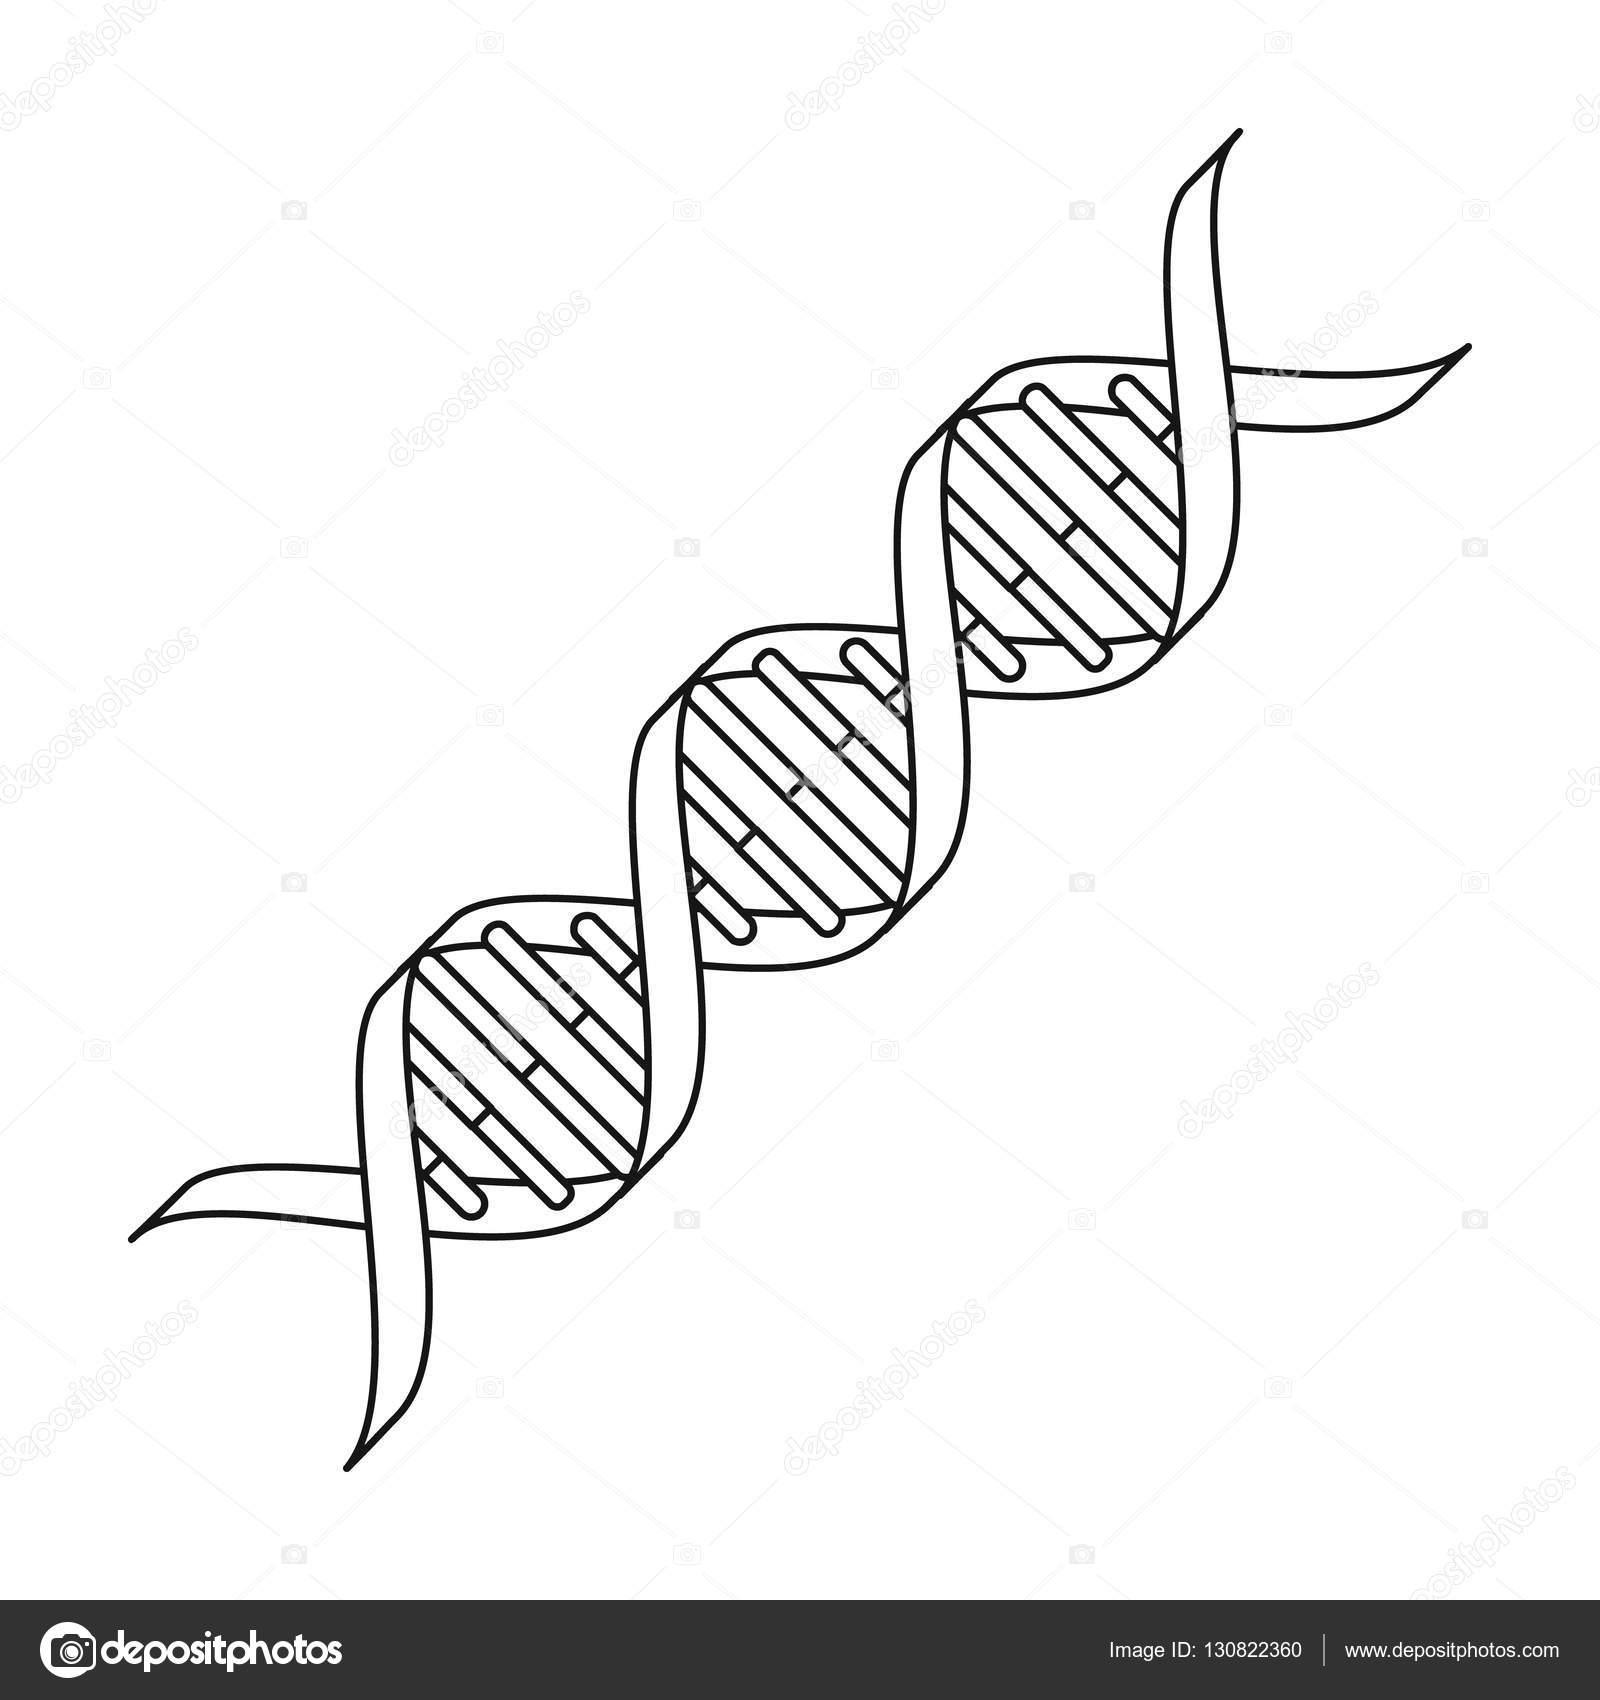 Imágenes La Biotecnologia Para Dibujar Icono De Código De